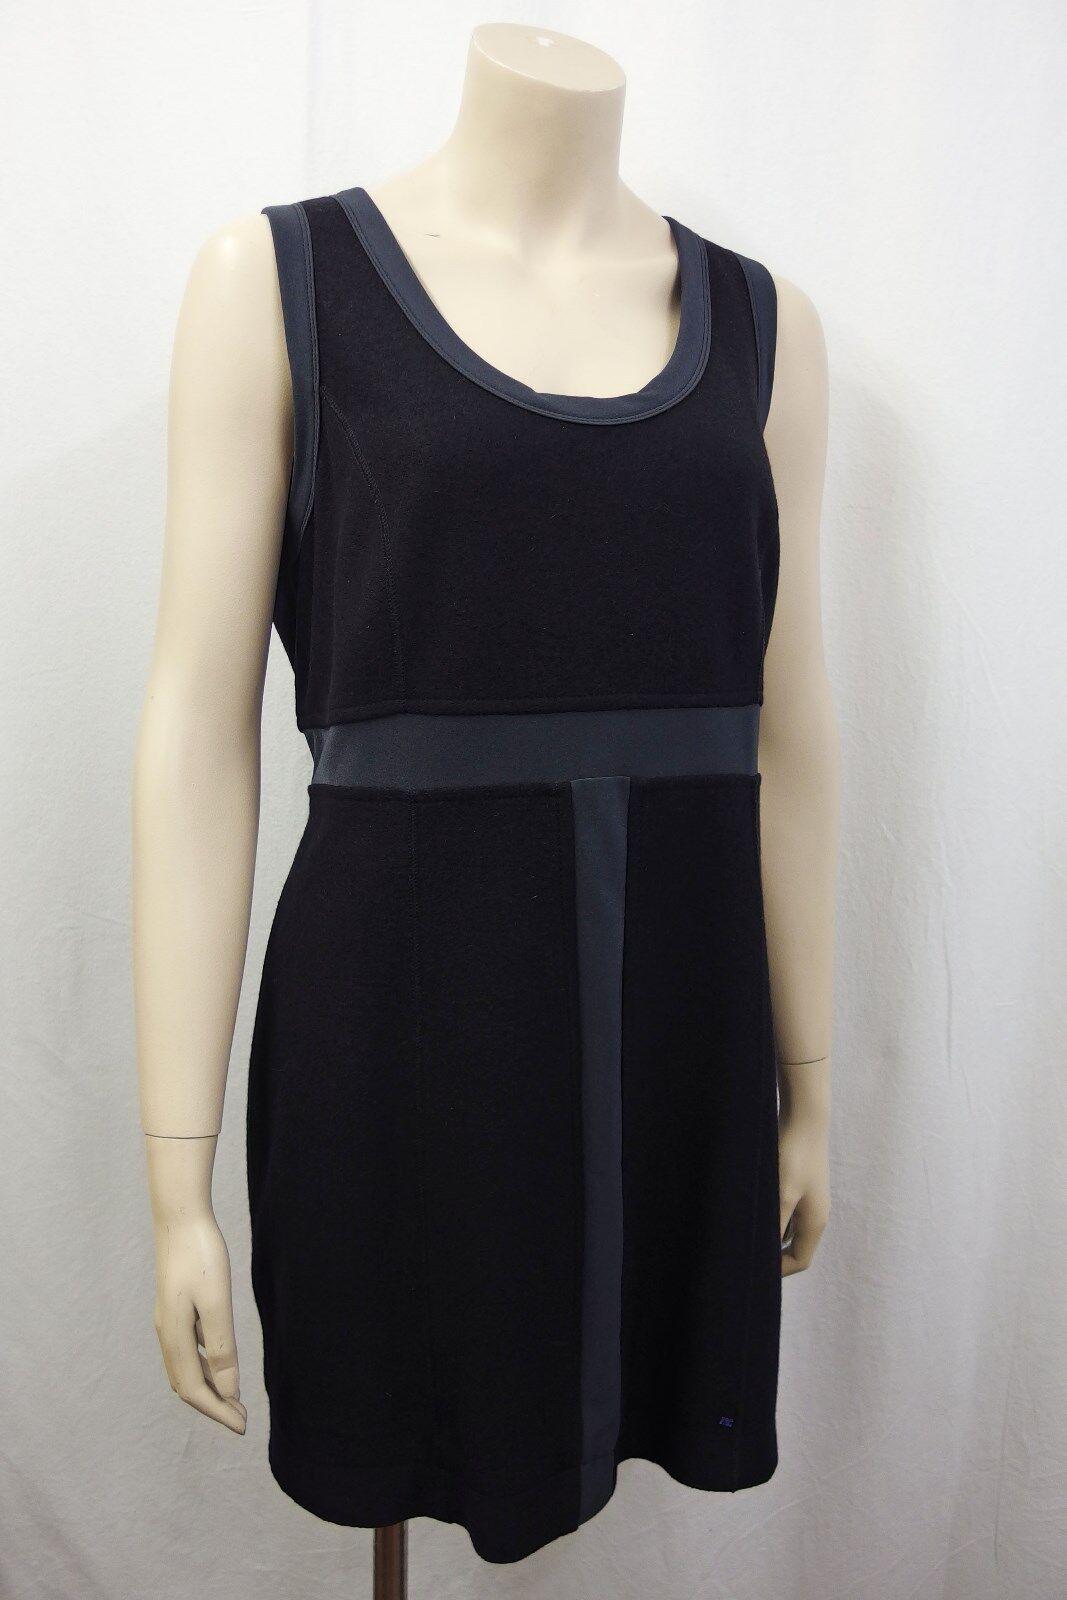 MARCCAIN MARC CAIN Stretch Kleid Gr.42 N6 leichter Bouclestoff Schwarz Grau